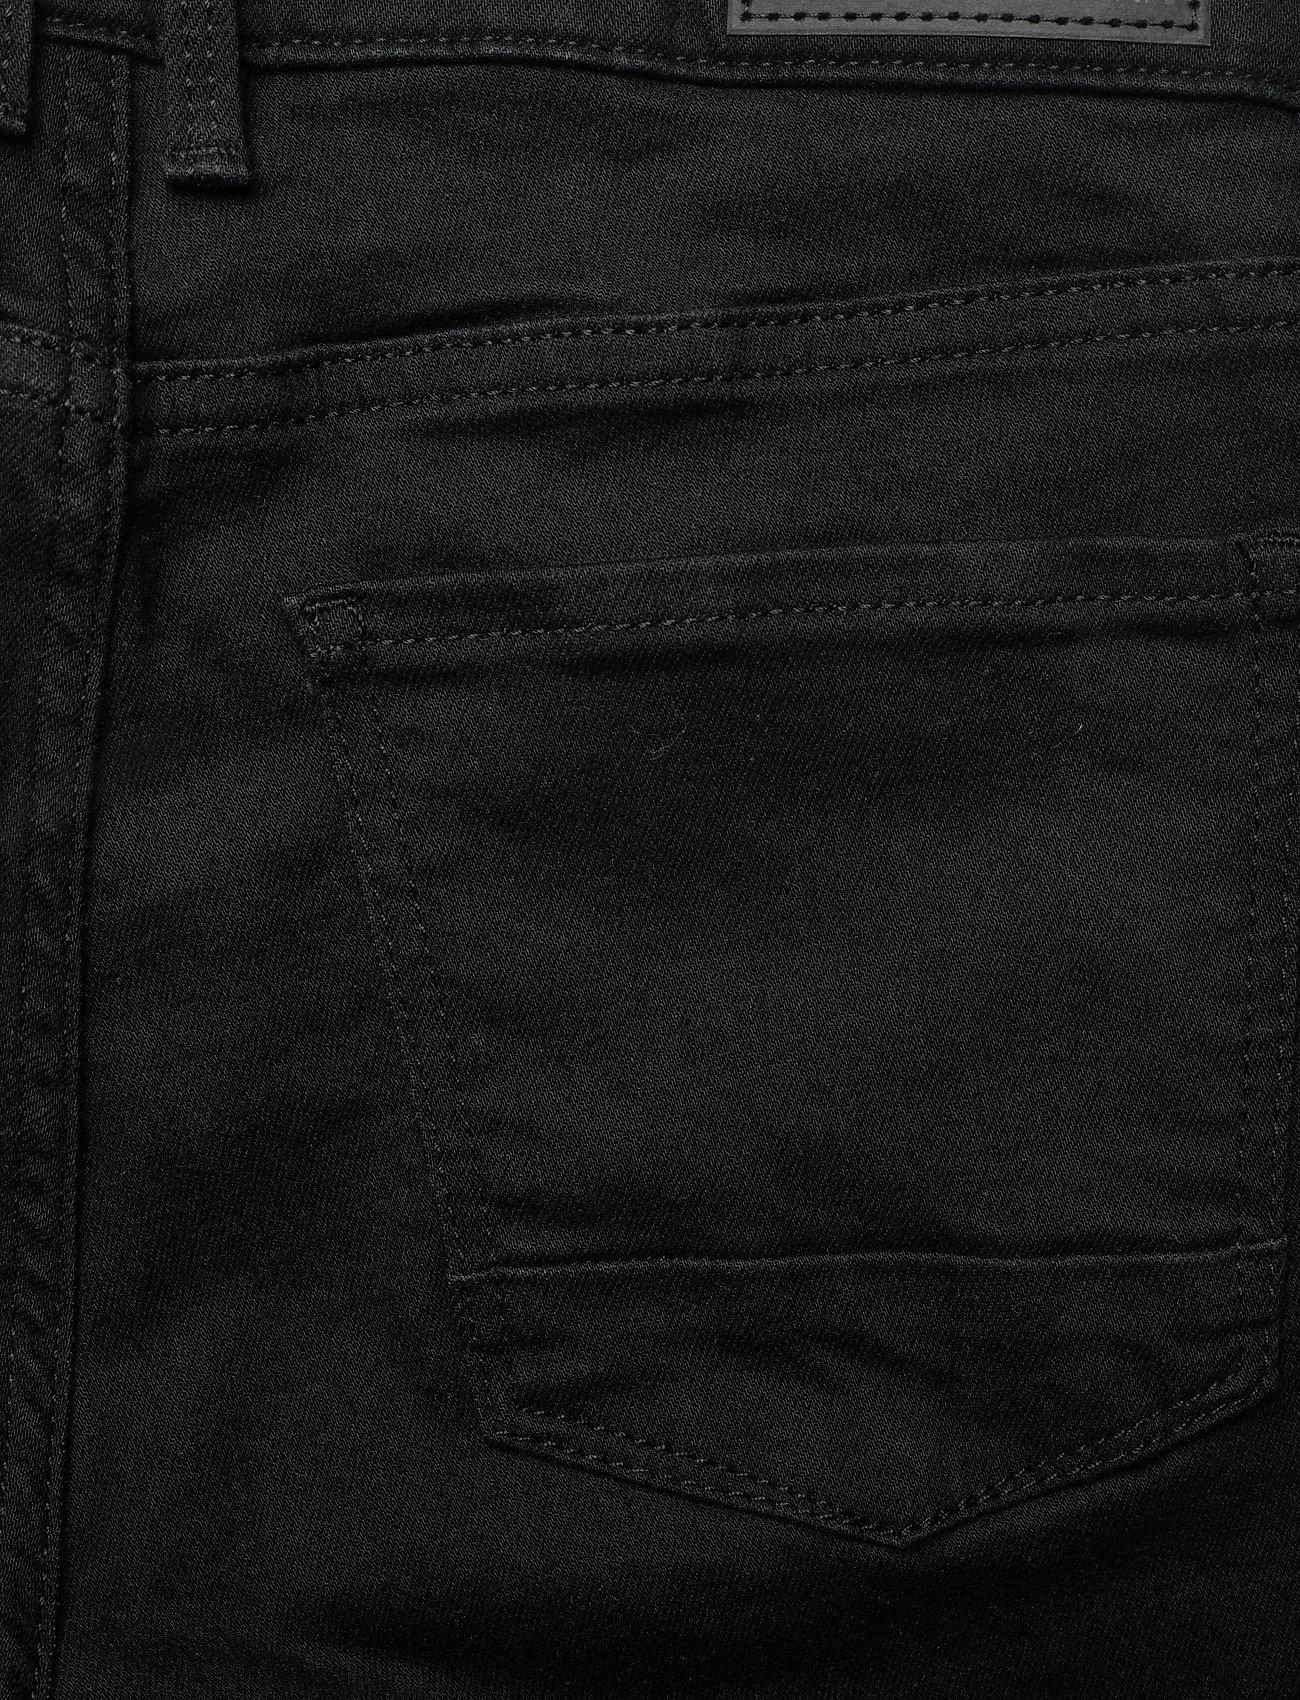 Esprit Casual - Pants denim - skinny jeans - black rinse - 4